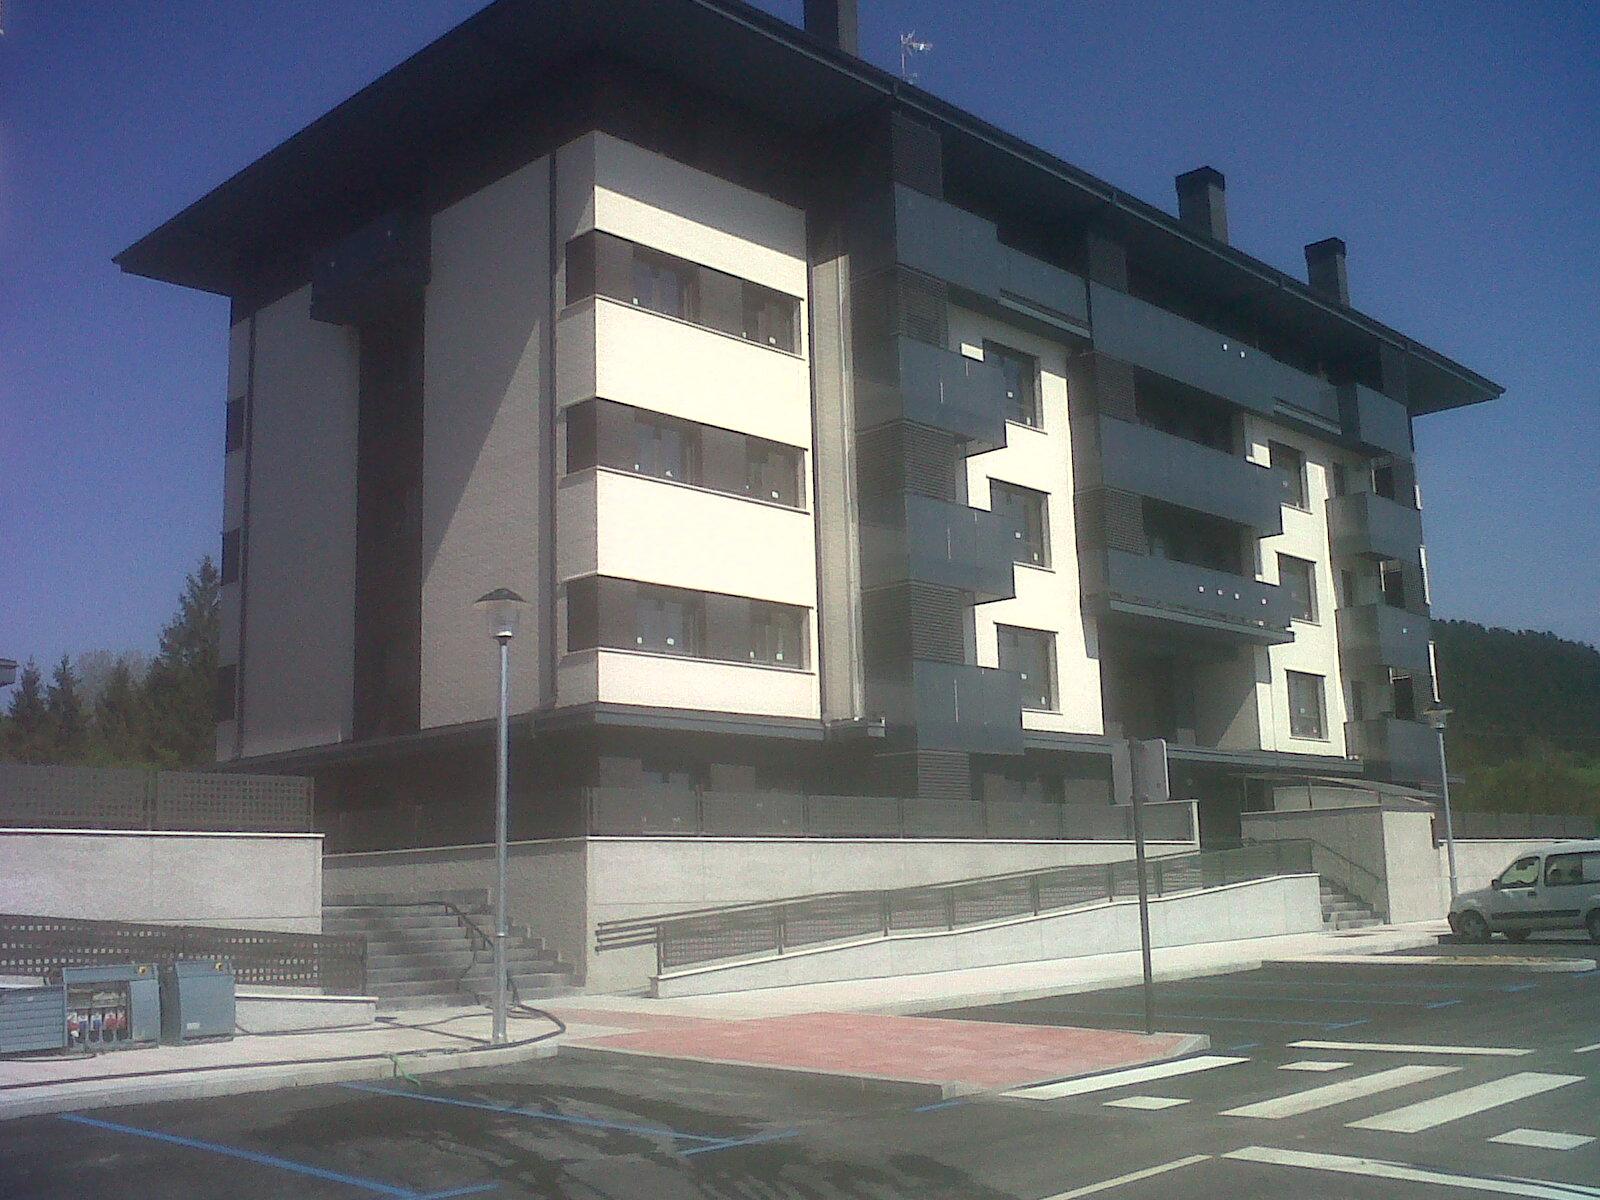 Casa obra nueva Gernika